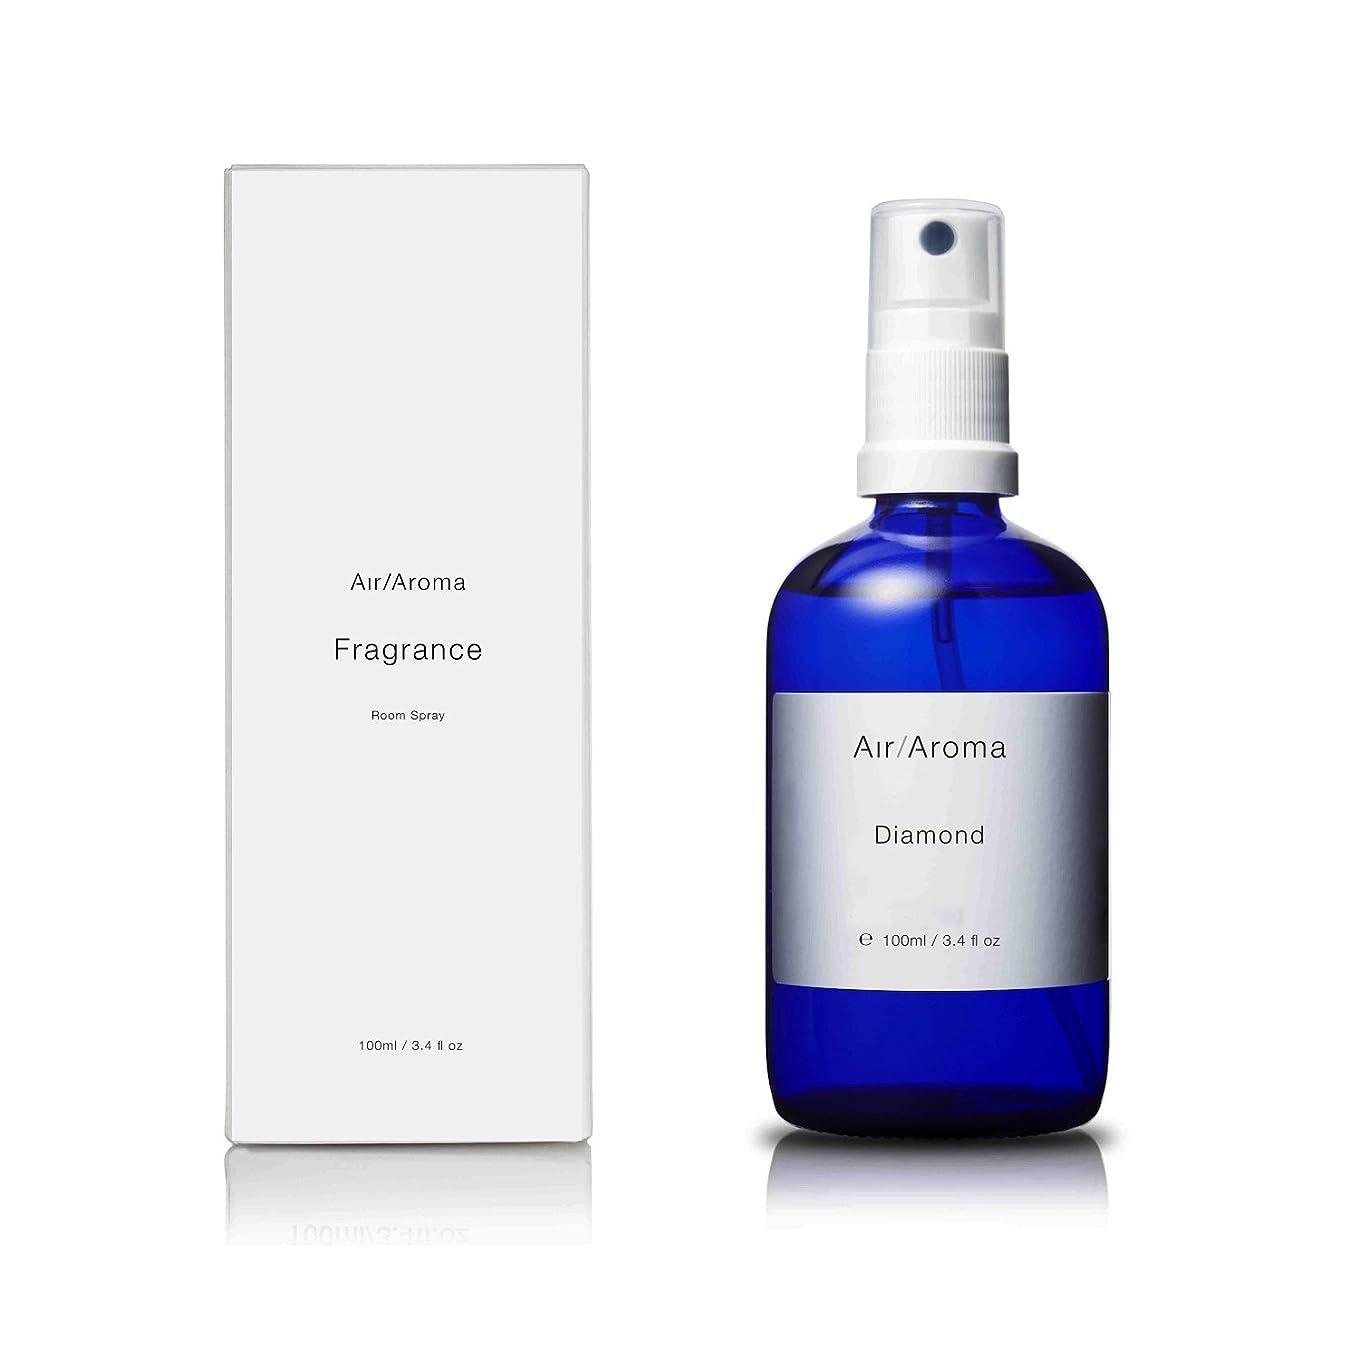 プロジェクター鳴り響く後エアアロマ diamond room fragrance (ダイアモンド ルームフレグランス) 100ml